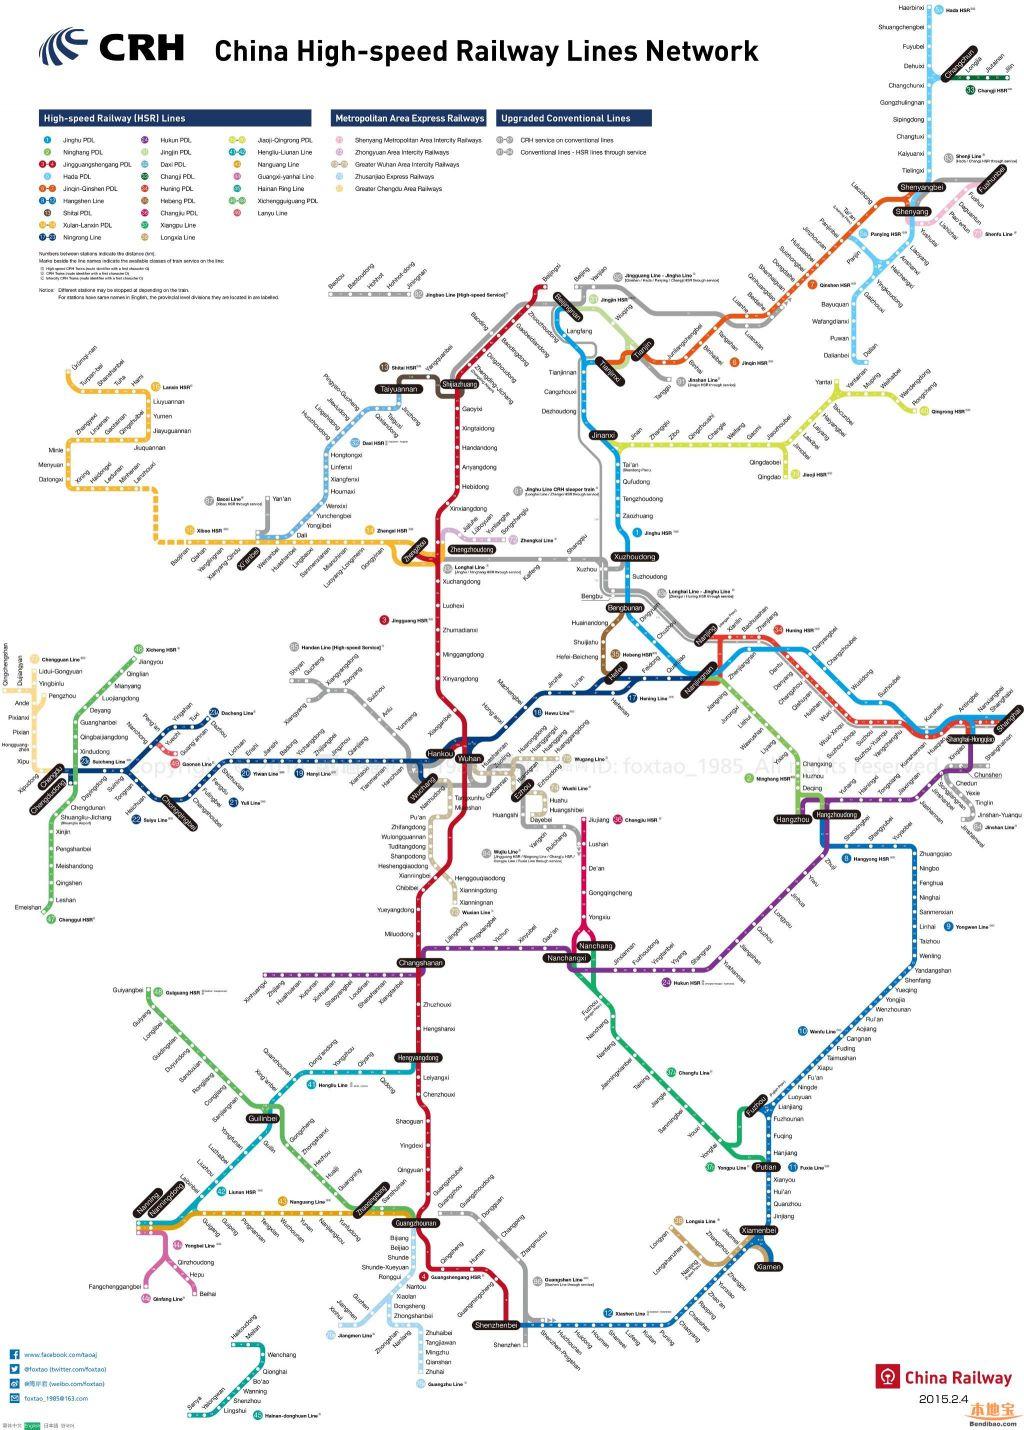 中国高铁规划_中国高铁全网运营线路图外文版(英文+日文+韩文)- 苏州本地宝